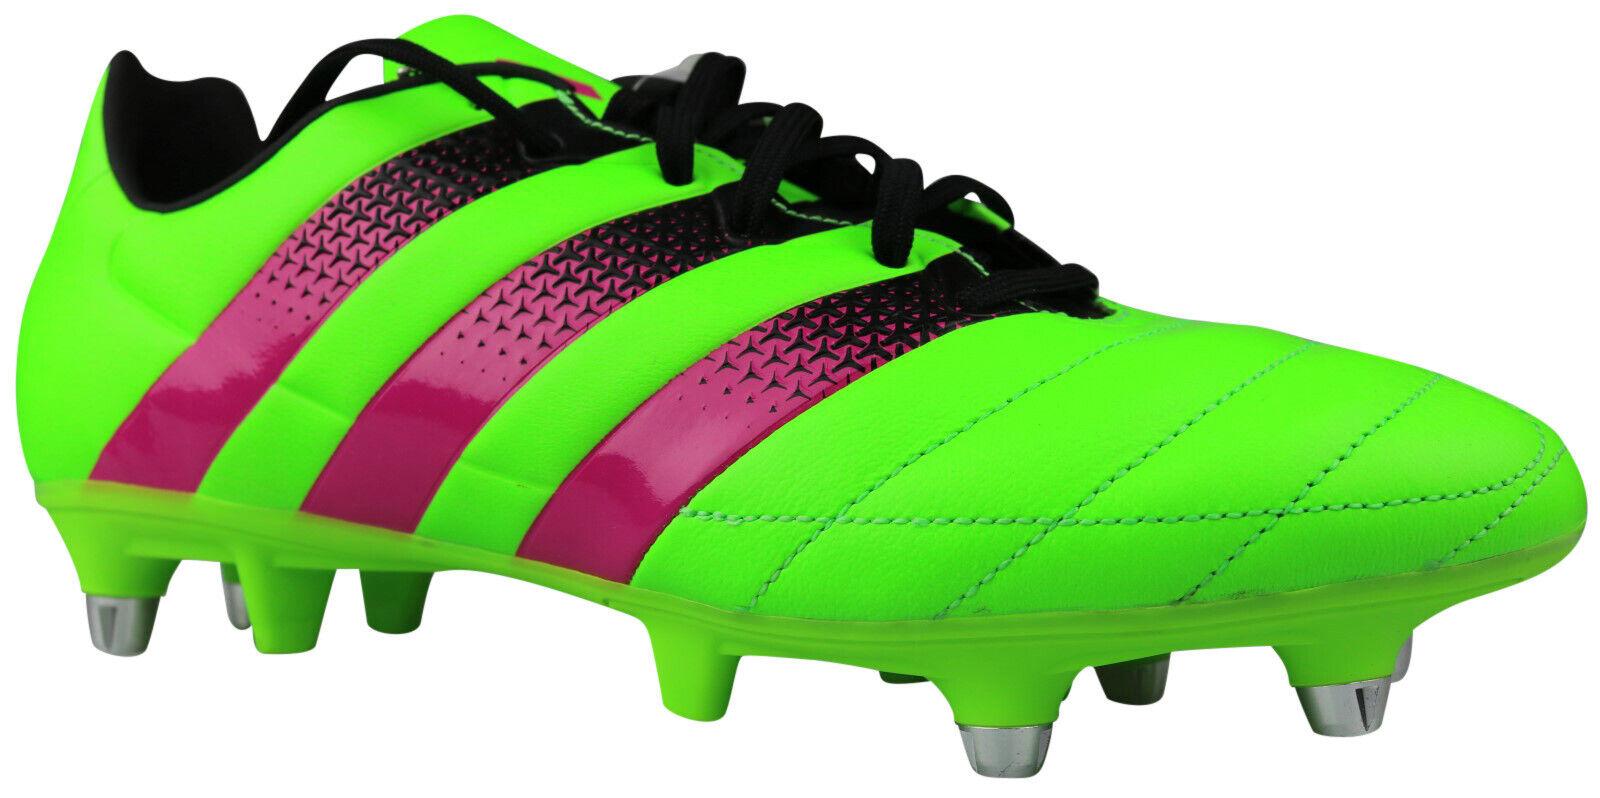 Adidas Ace 16.3 sg botas de fútbol de cuero galerías verde s75736 talla 40 & 42 nuevo & OVP